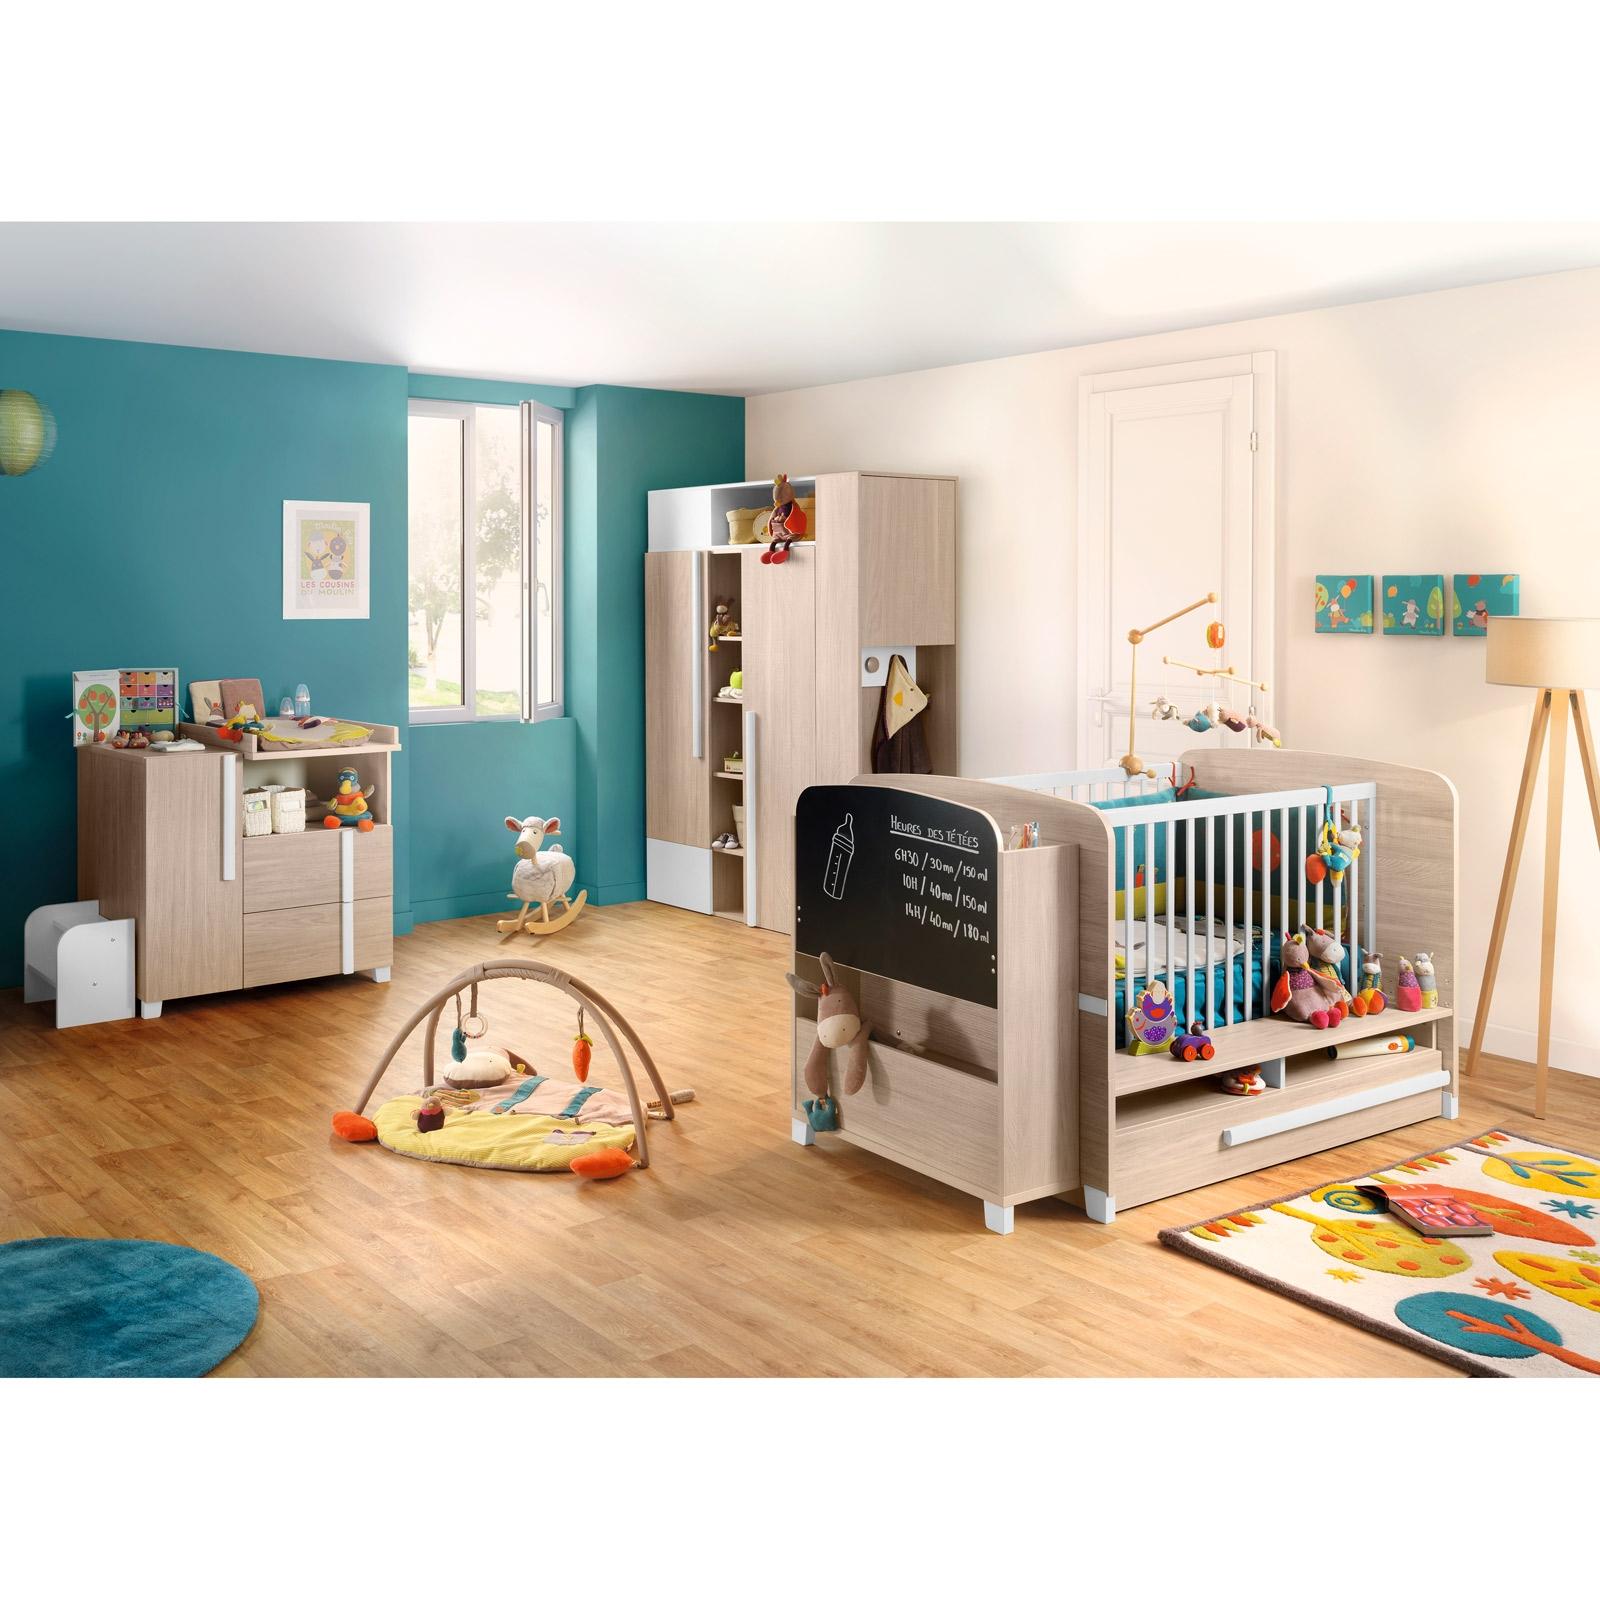 Galipette Meuble chambre bébé & enfant